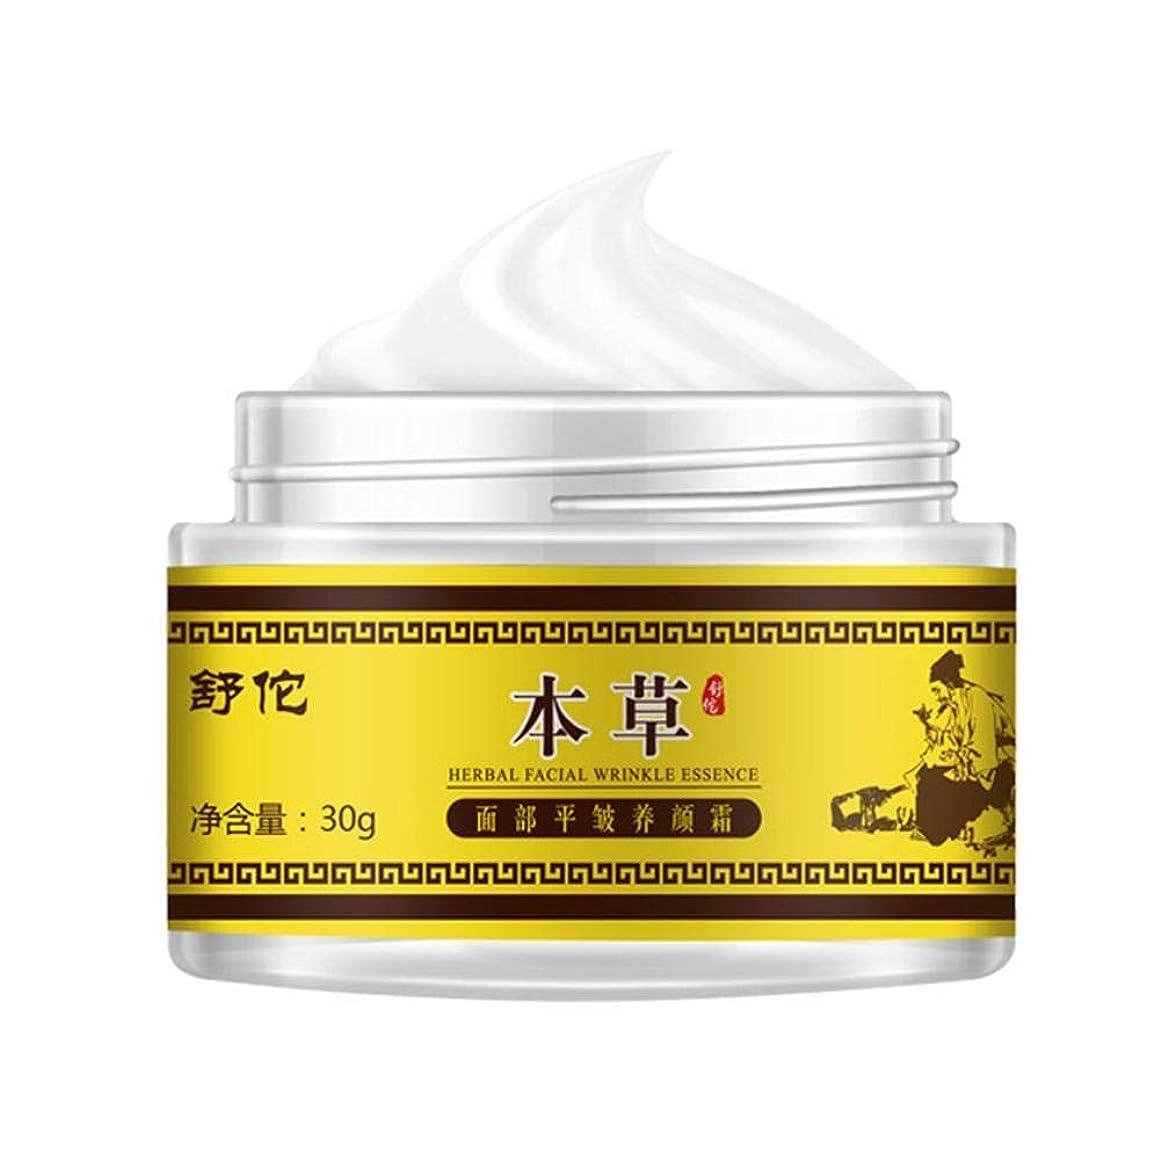 ソーセージ批判的にこどもセンターBETTER YOU (ベター ュー) 本草 面部 養顔クリーム しわ取り 細目を淡化する ハイライト 潤い 修復 保湿 補水 クリーム